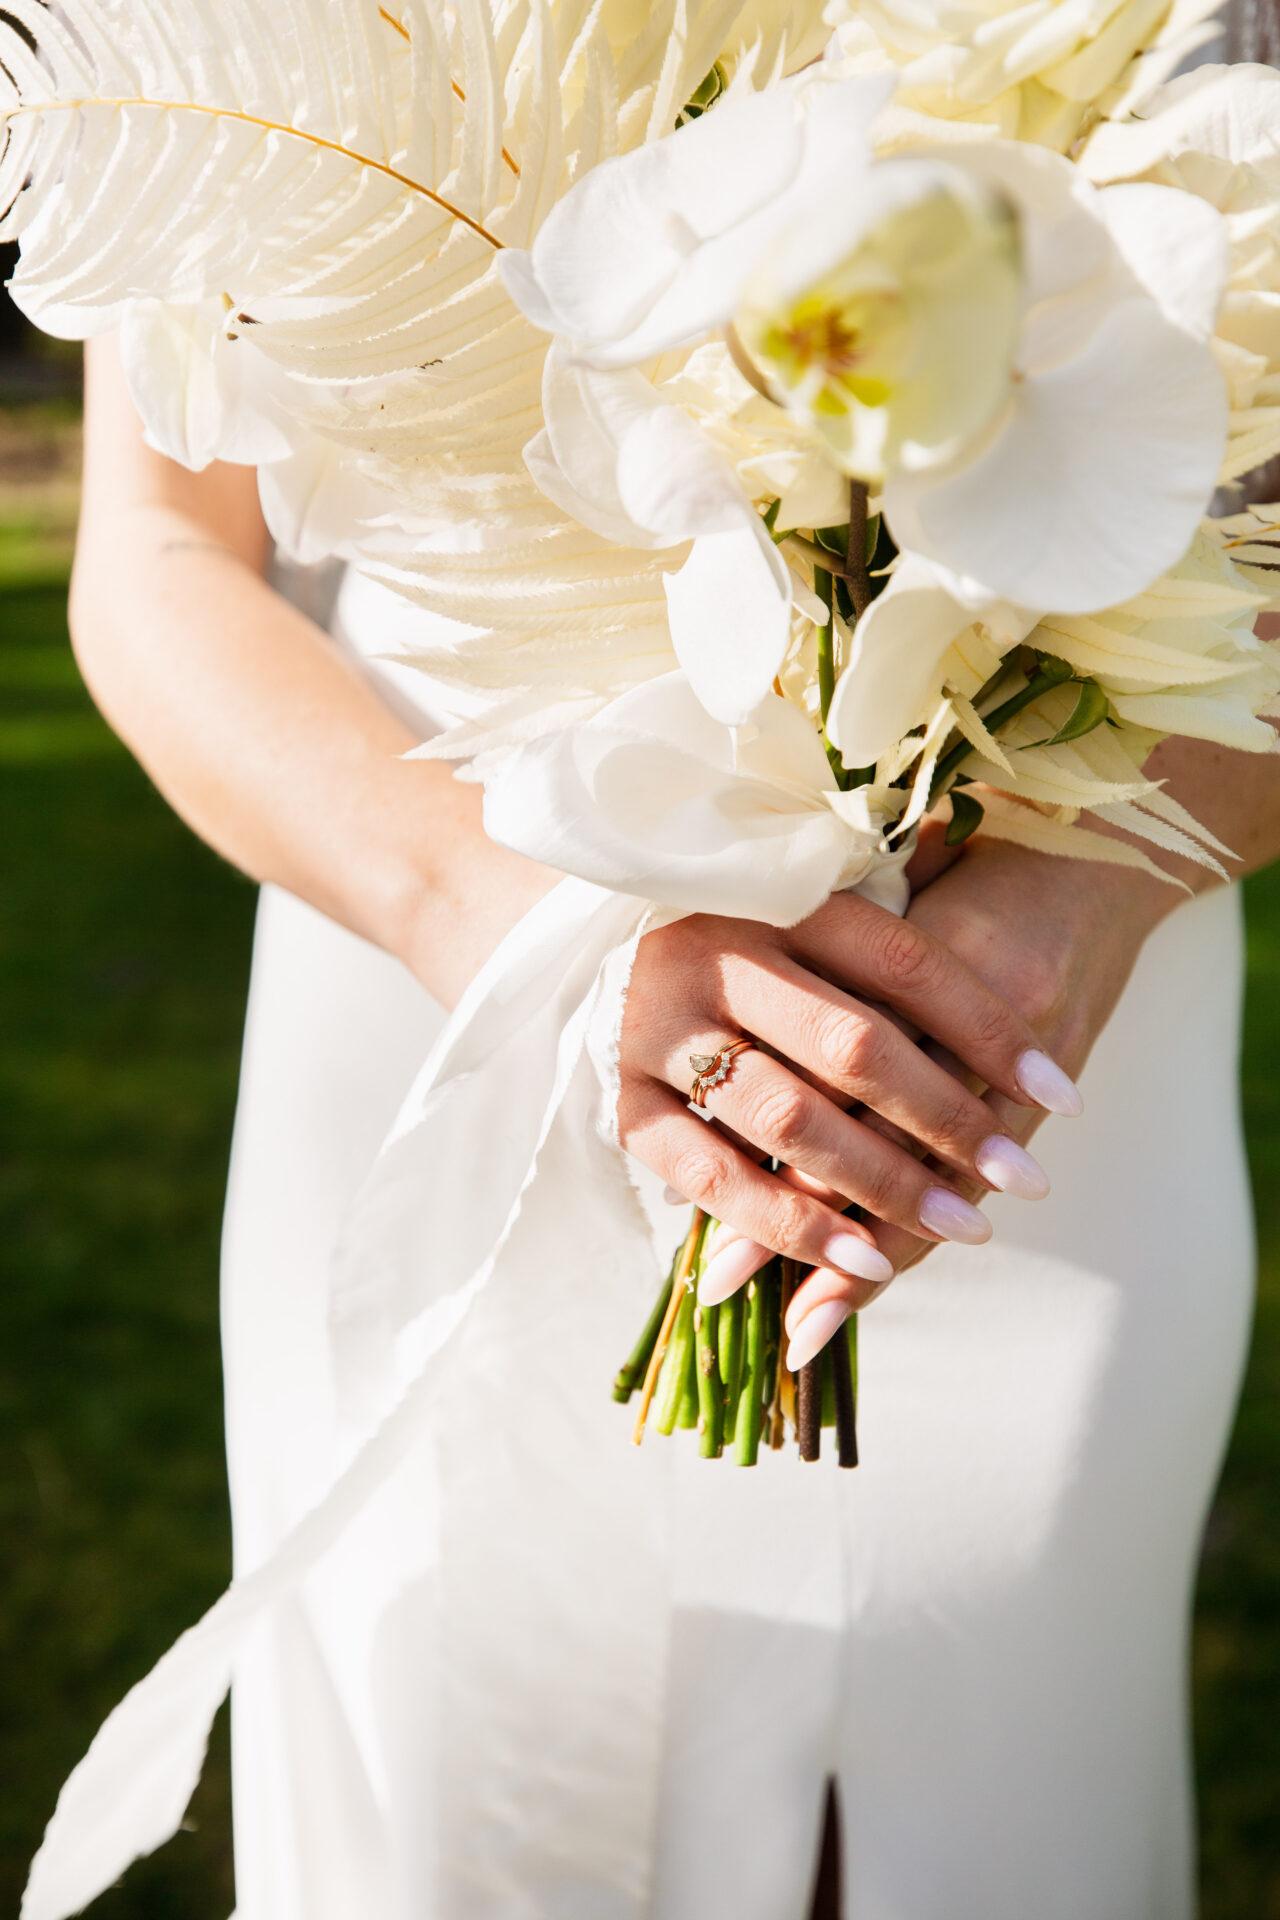 Bruidsboeket en trouwring